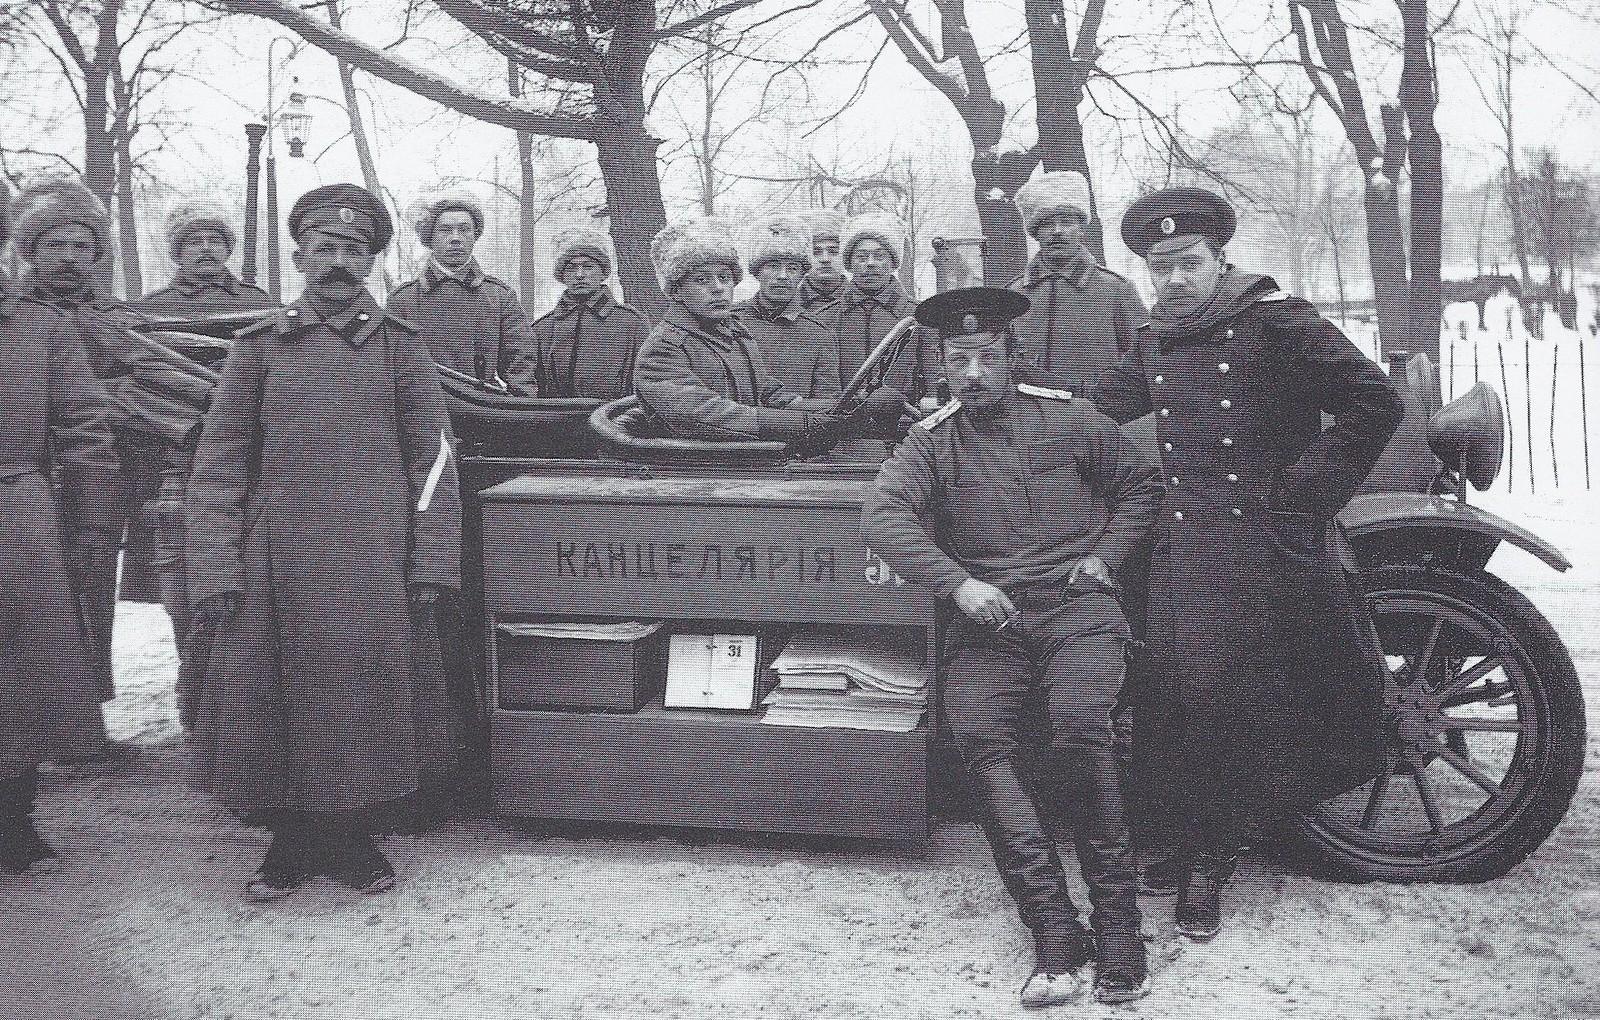 1915. Петроград. Походная канцелярия, 1-я запасная автомобильная рота